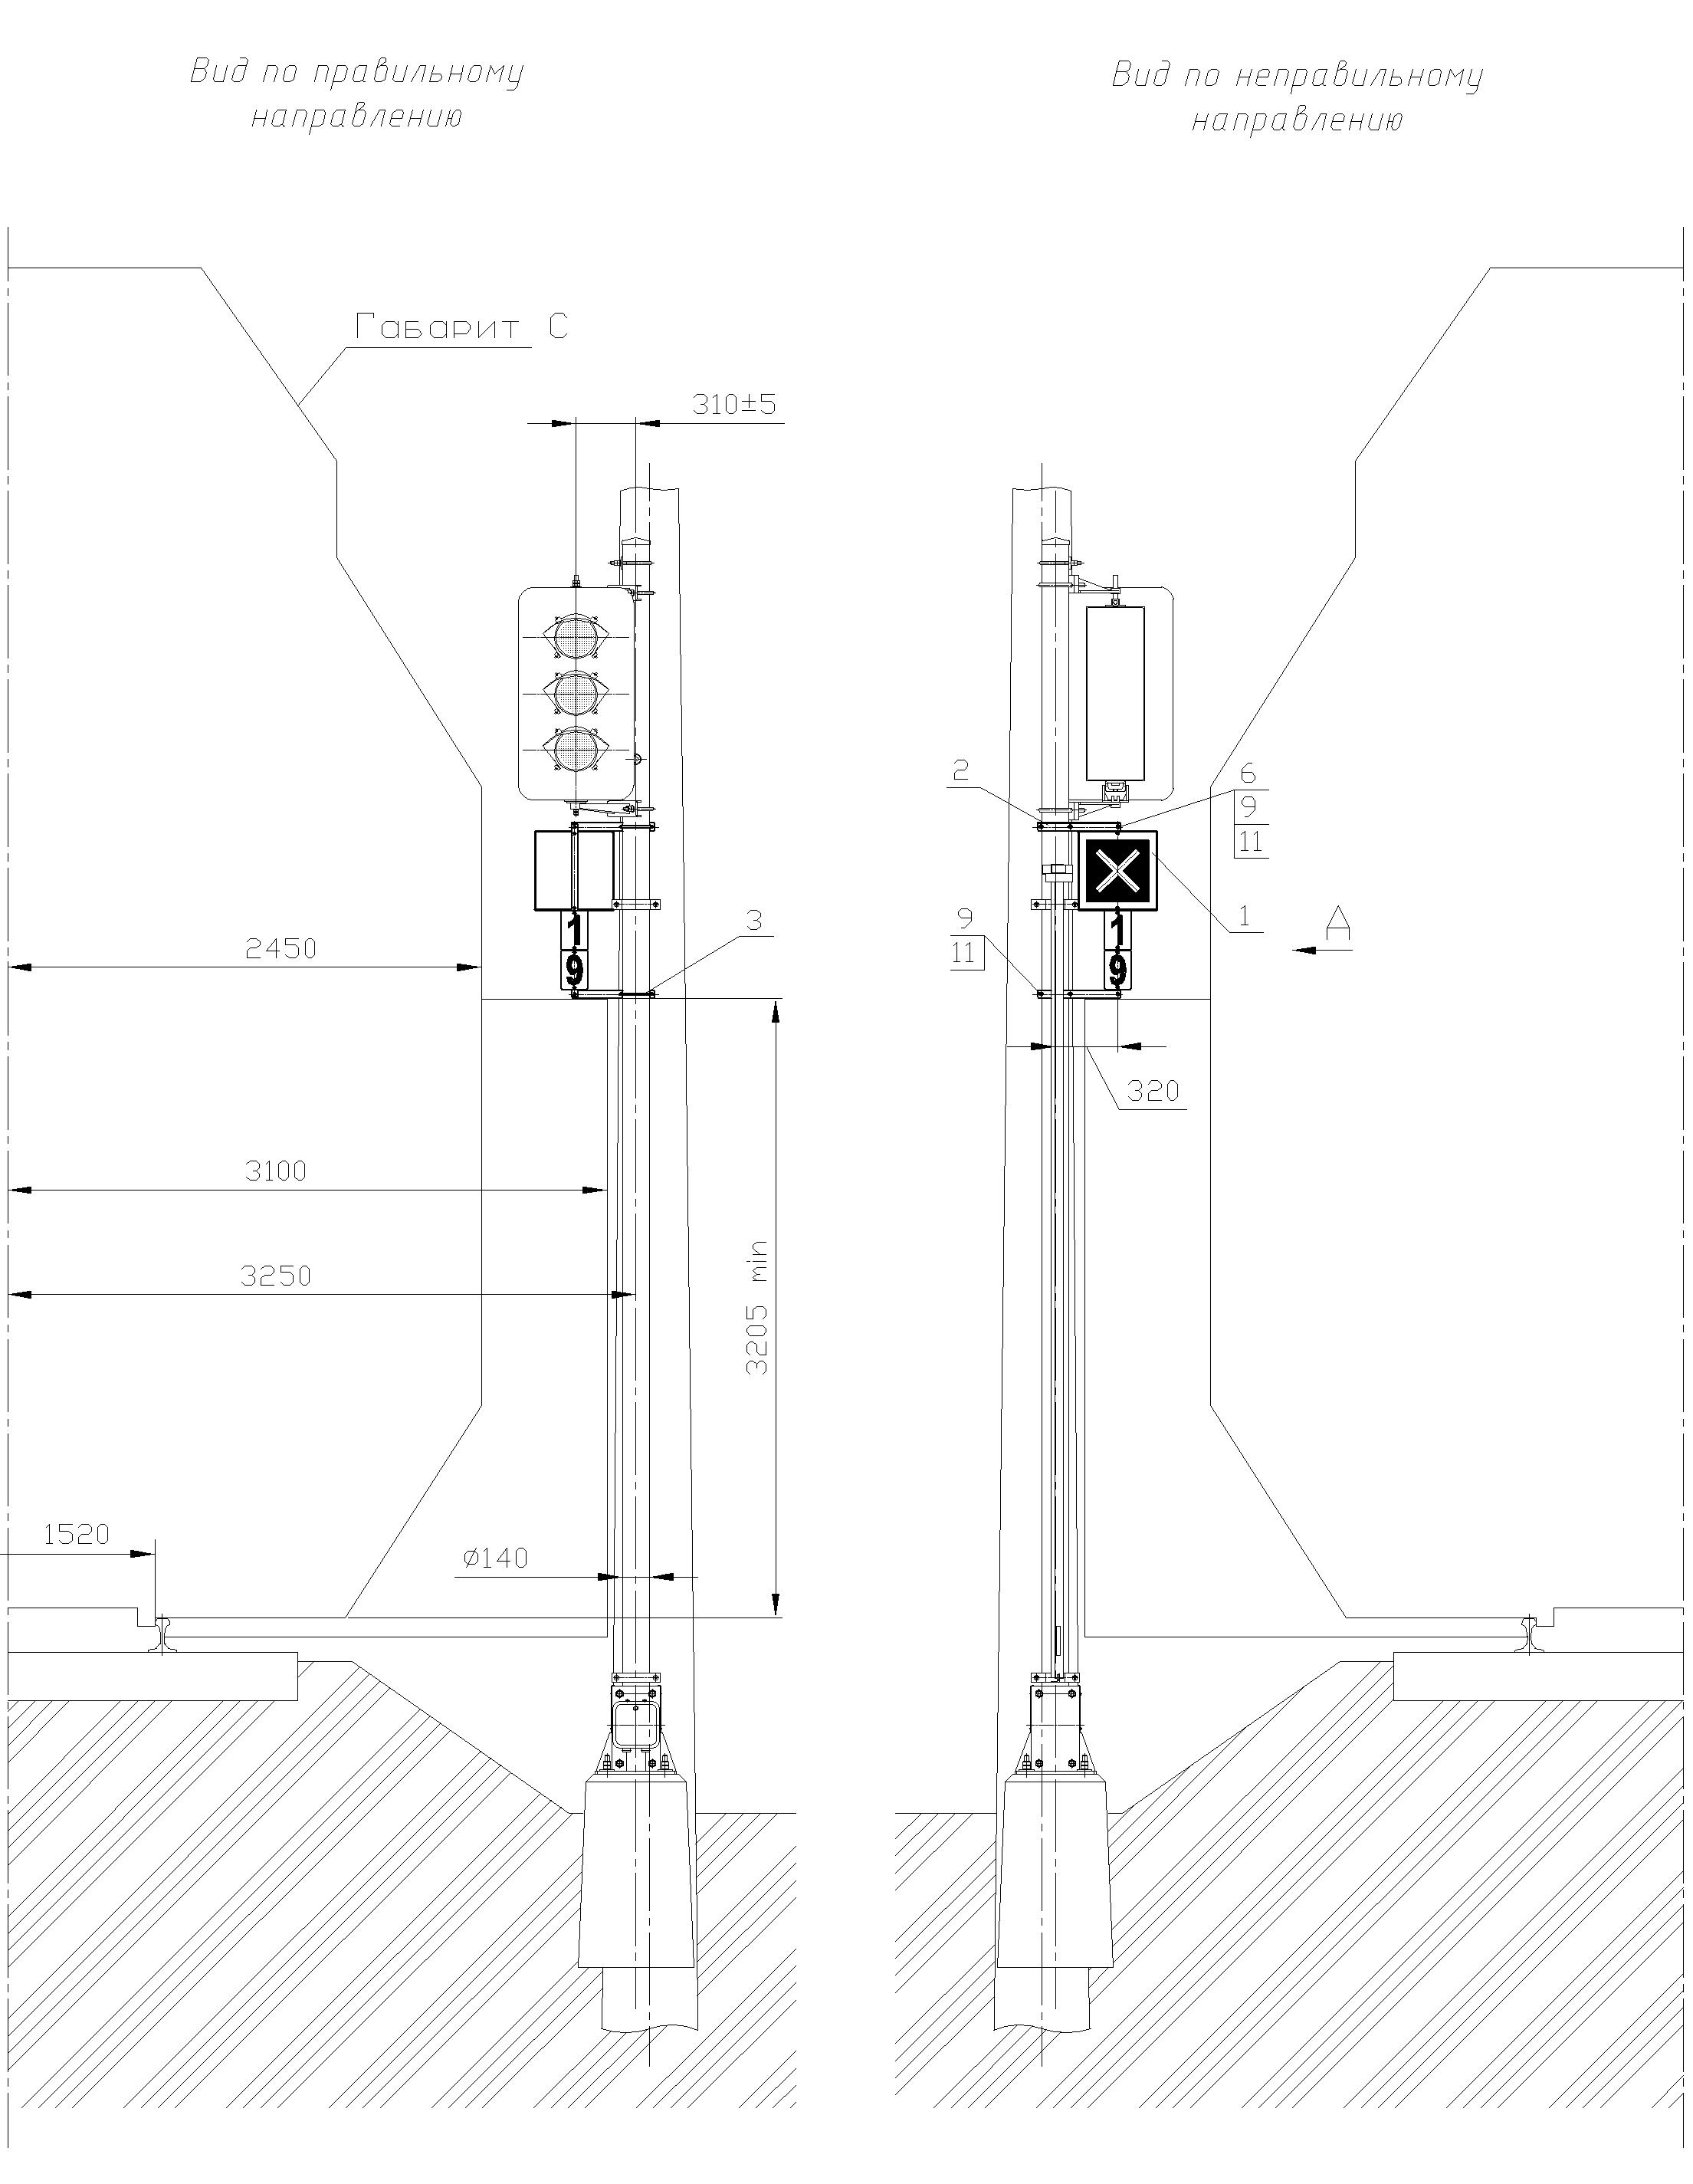 Рисунок 79. Вариант 1 крепления знака Перенос границы блок-участкана мачте светофора